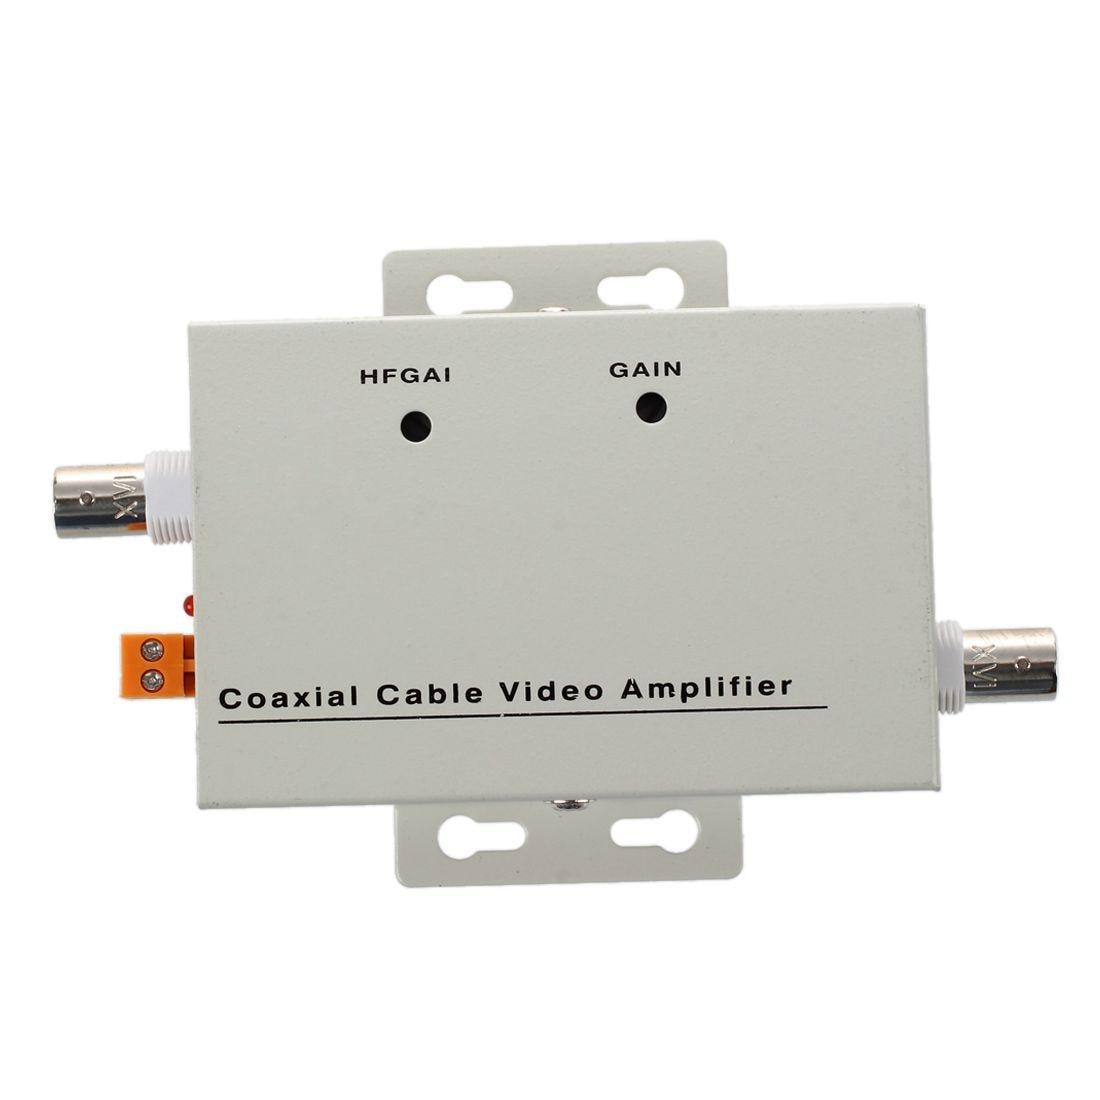 BNC Coaxial CCTV Video Balun Amplifier for CCTV CameraBNC Coaxial CCTV Video Balun Amplifier for CCTV Camera